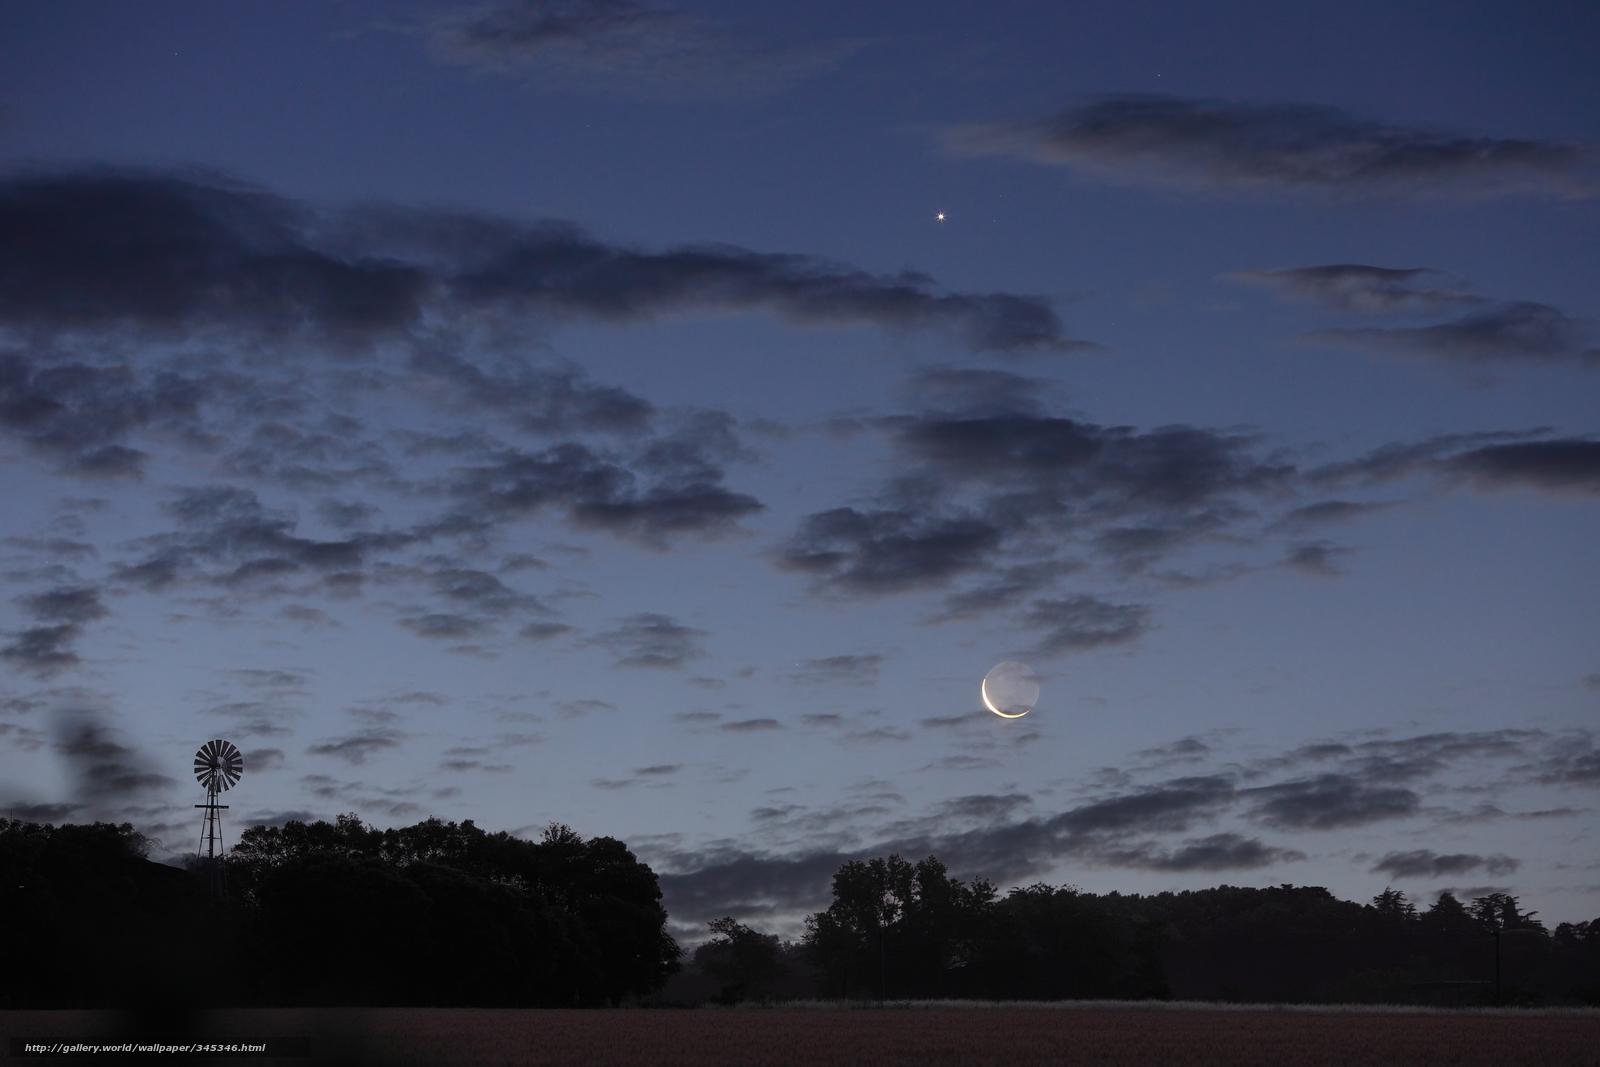 Tlcharger Fond d'ecran lune, Vnus, Argentine Fonds d'ecran gratuits pour votre rsolution du bureau 5610x3740 — image №345346